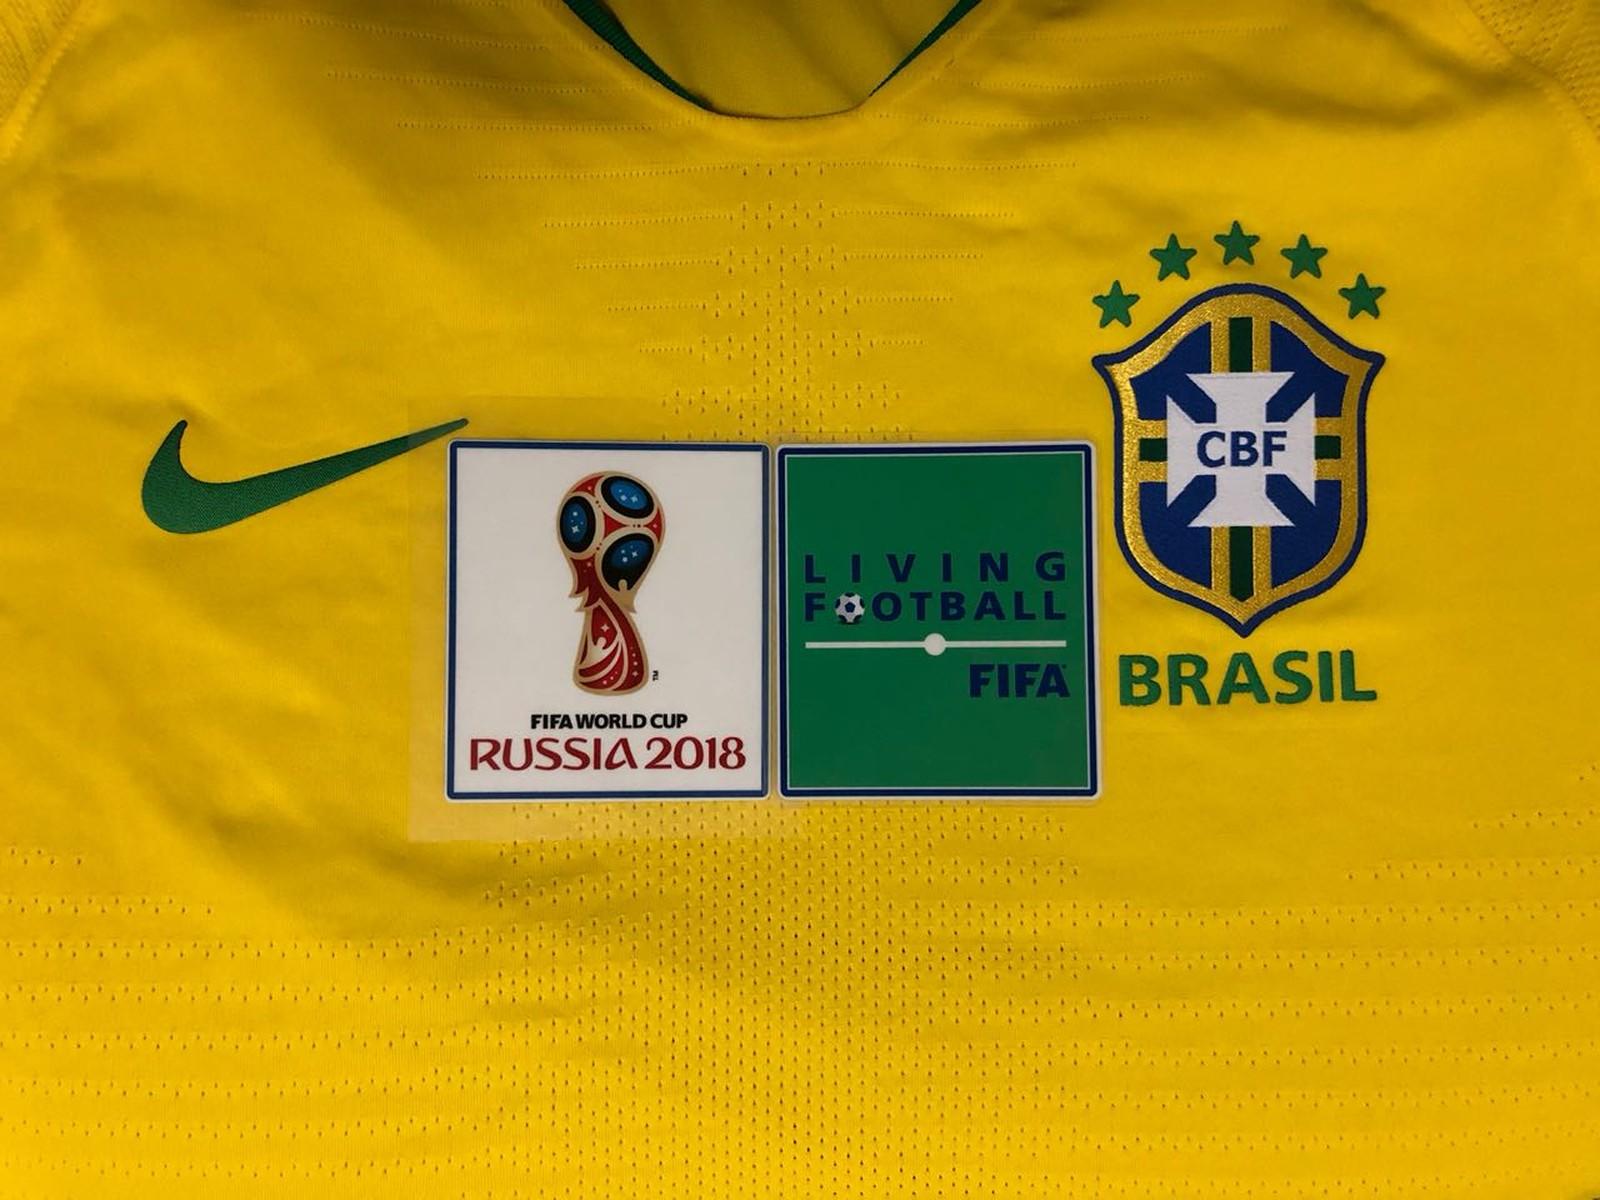 Seleção Brasileira recebe os patchs para as camisas da Copa do Mundo ... 69e8e8a4319d3